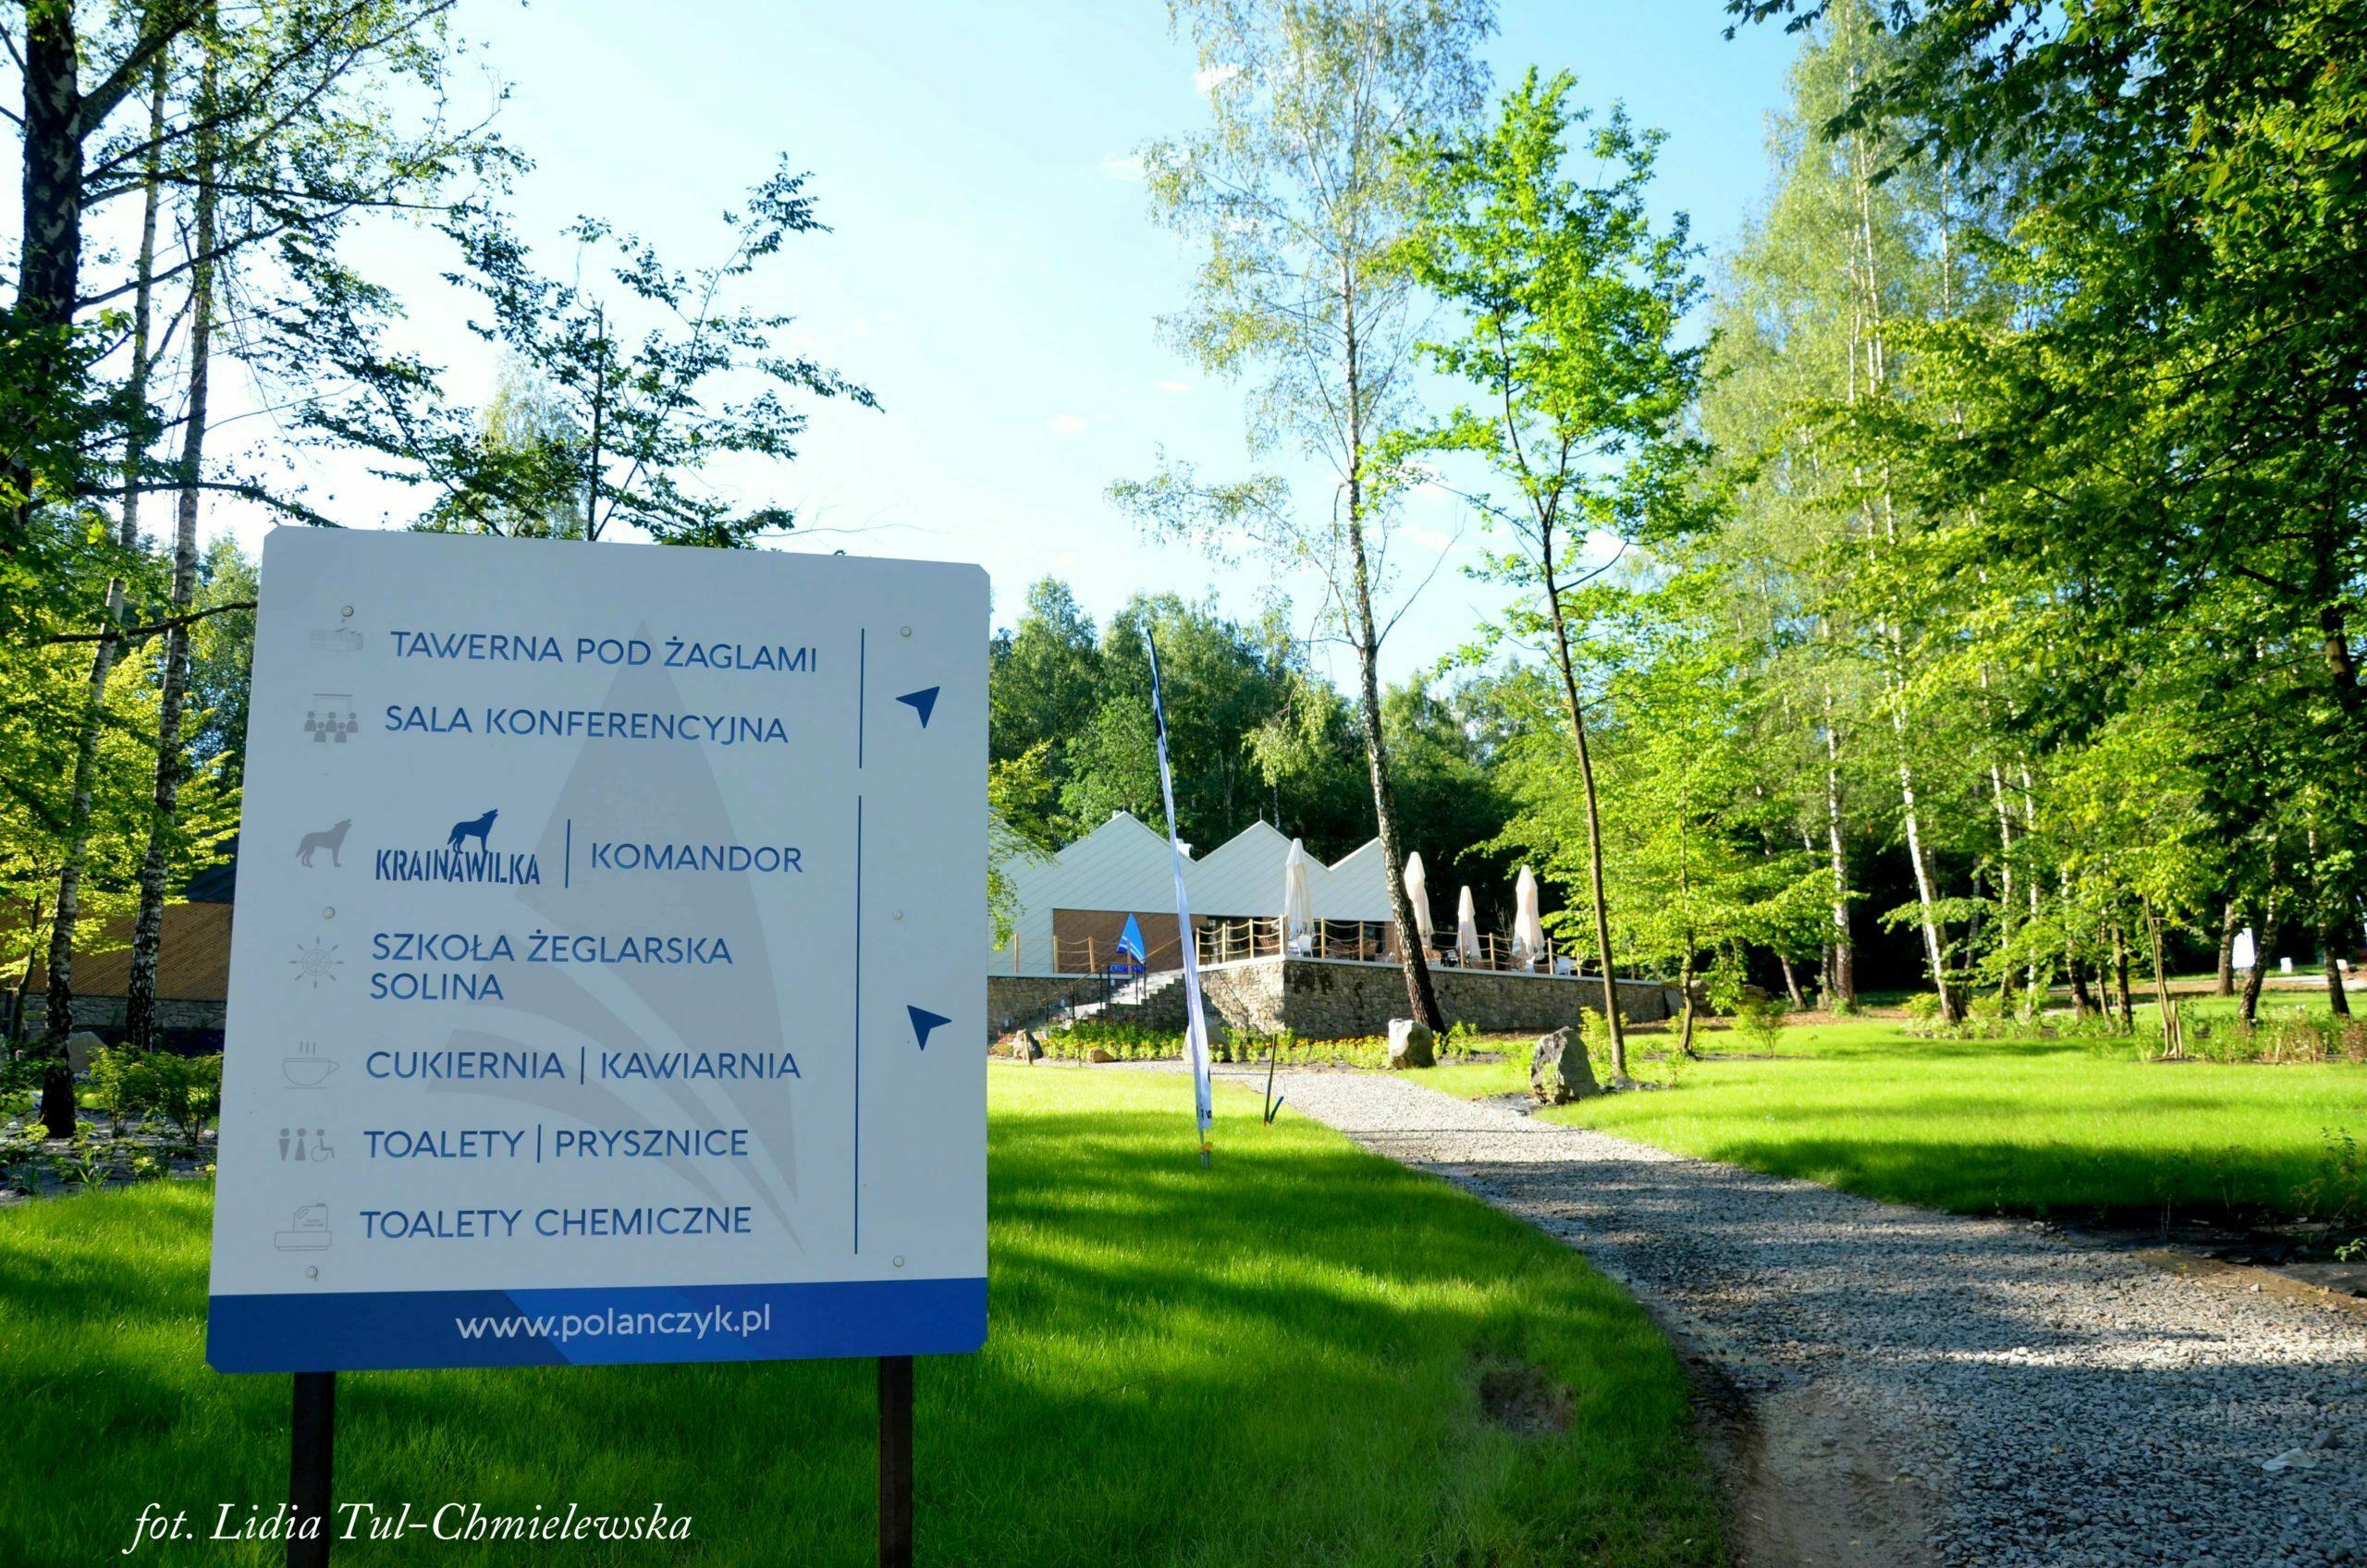 Kompleks EkoMarina fot. Lidia Tul-Chmielewska